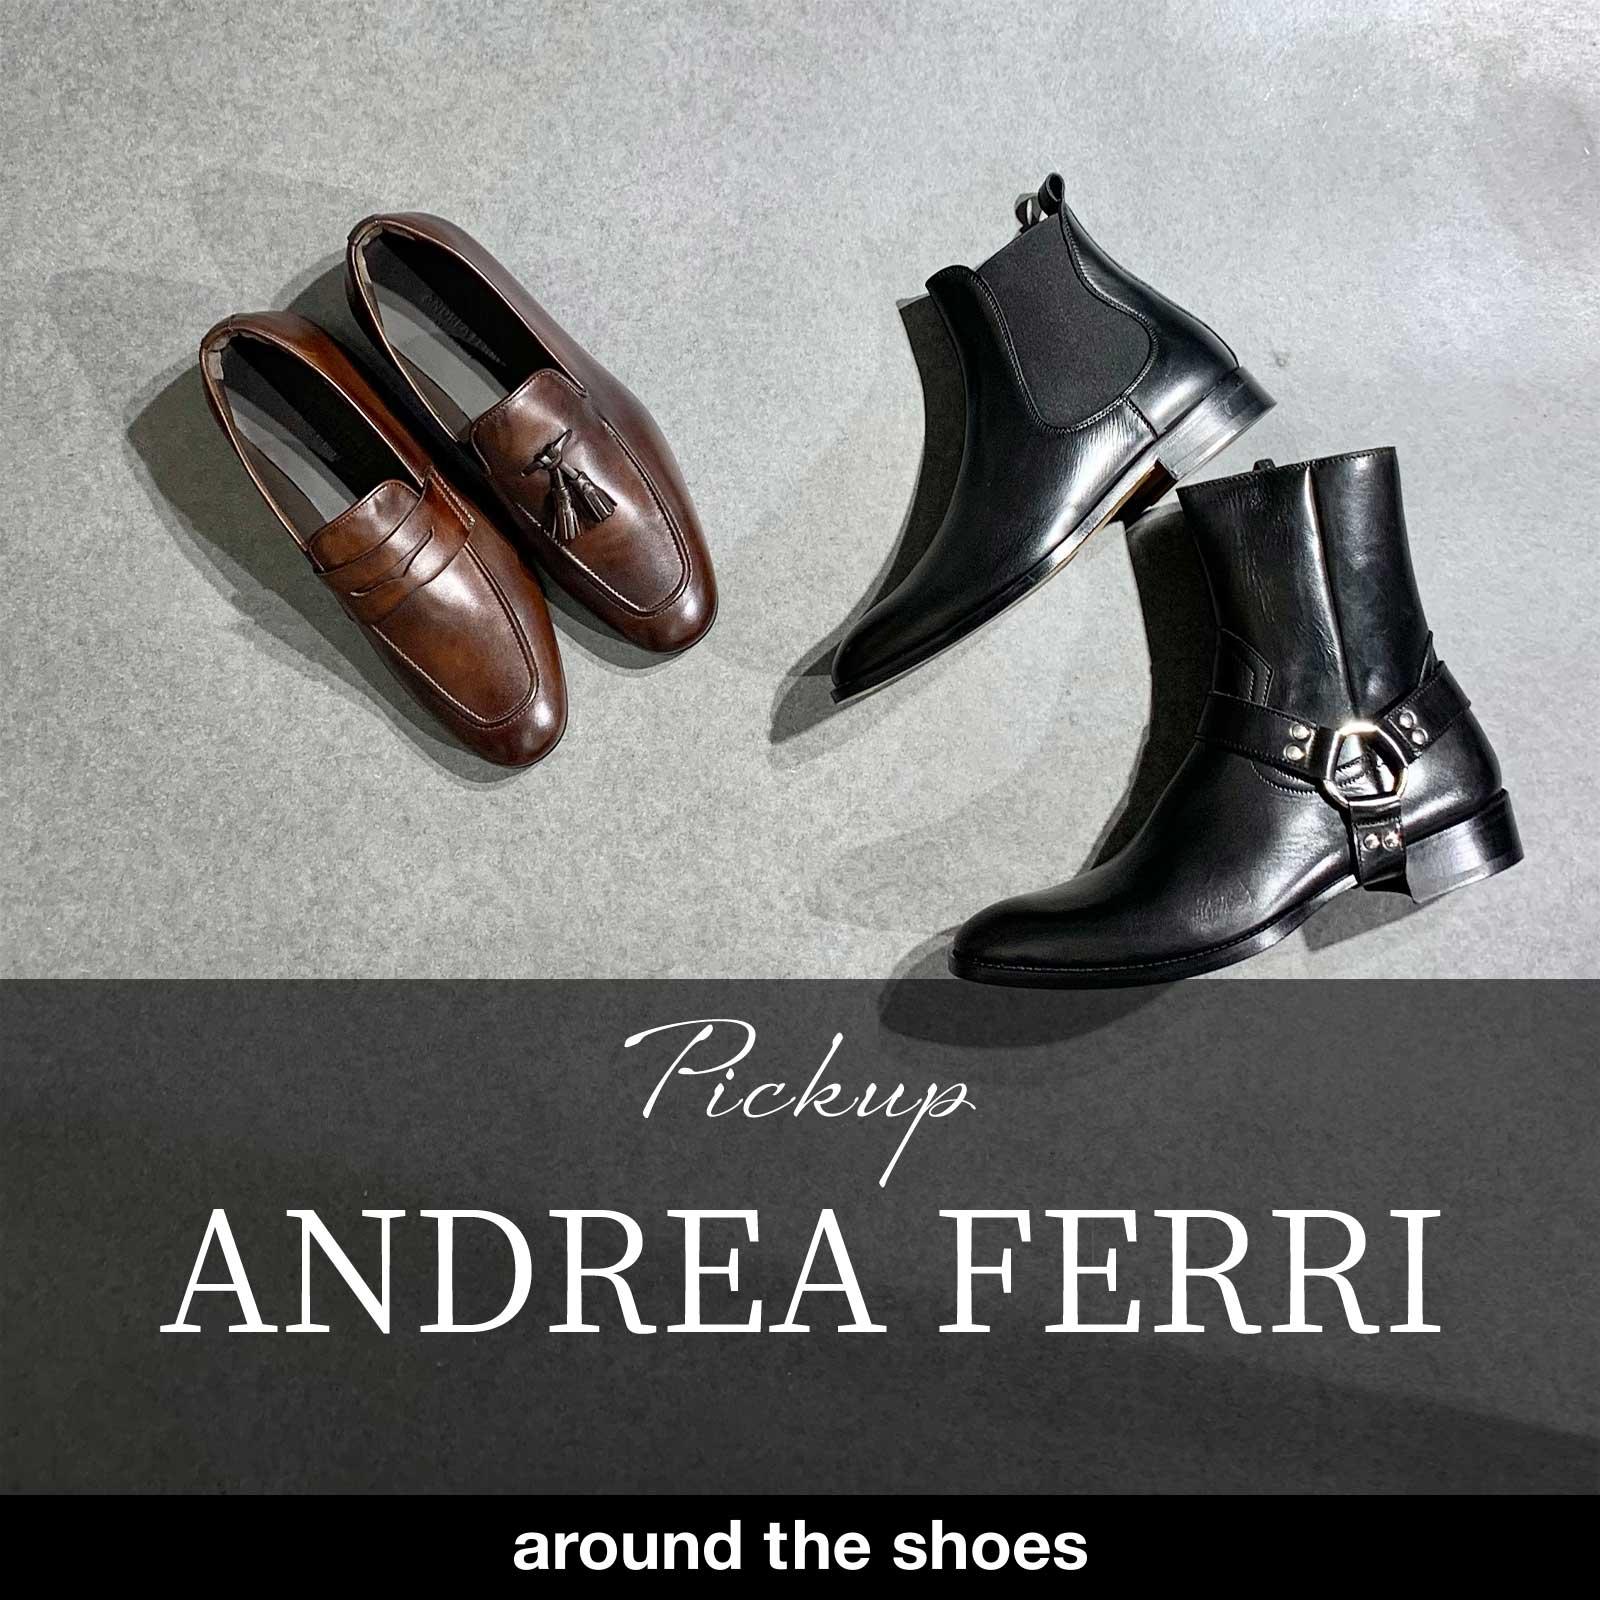 アンドレア・フェッリ/ANDREA FERRI NEW COLLECTION